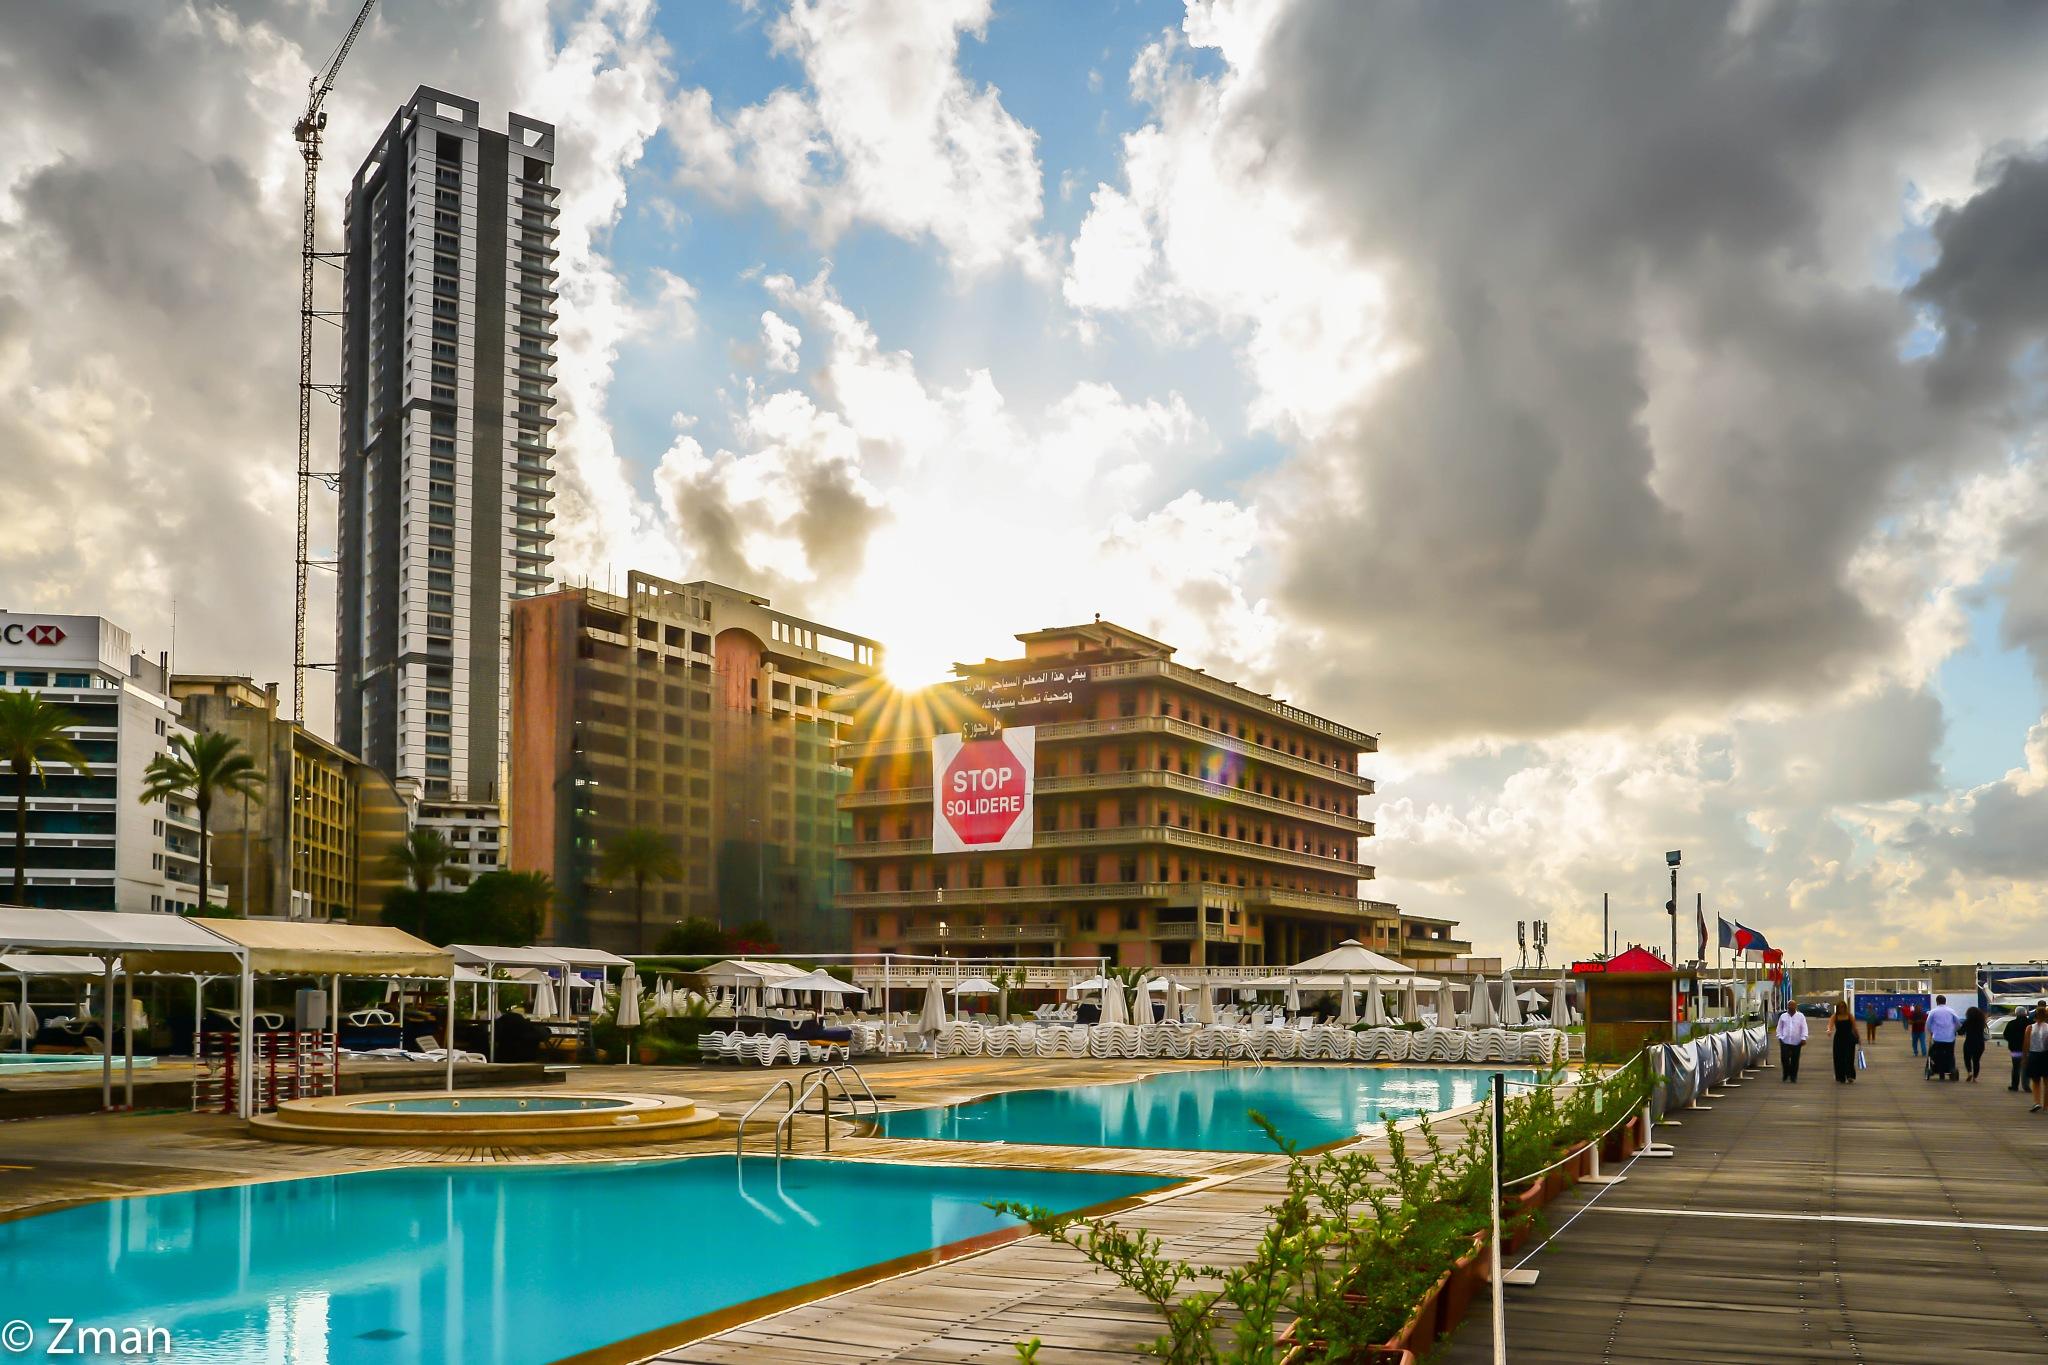 St. George Hotel by muhammad.nasser.963